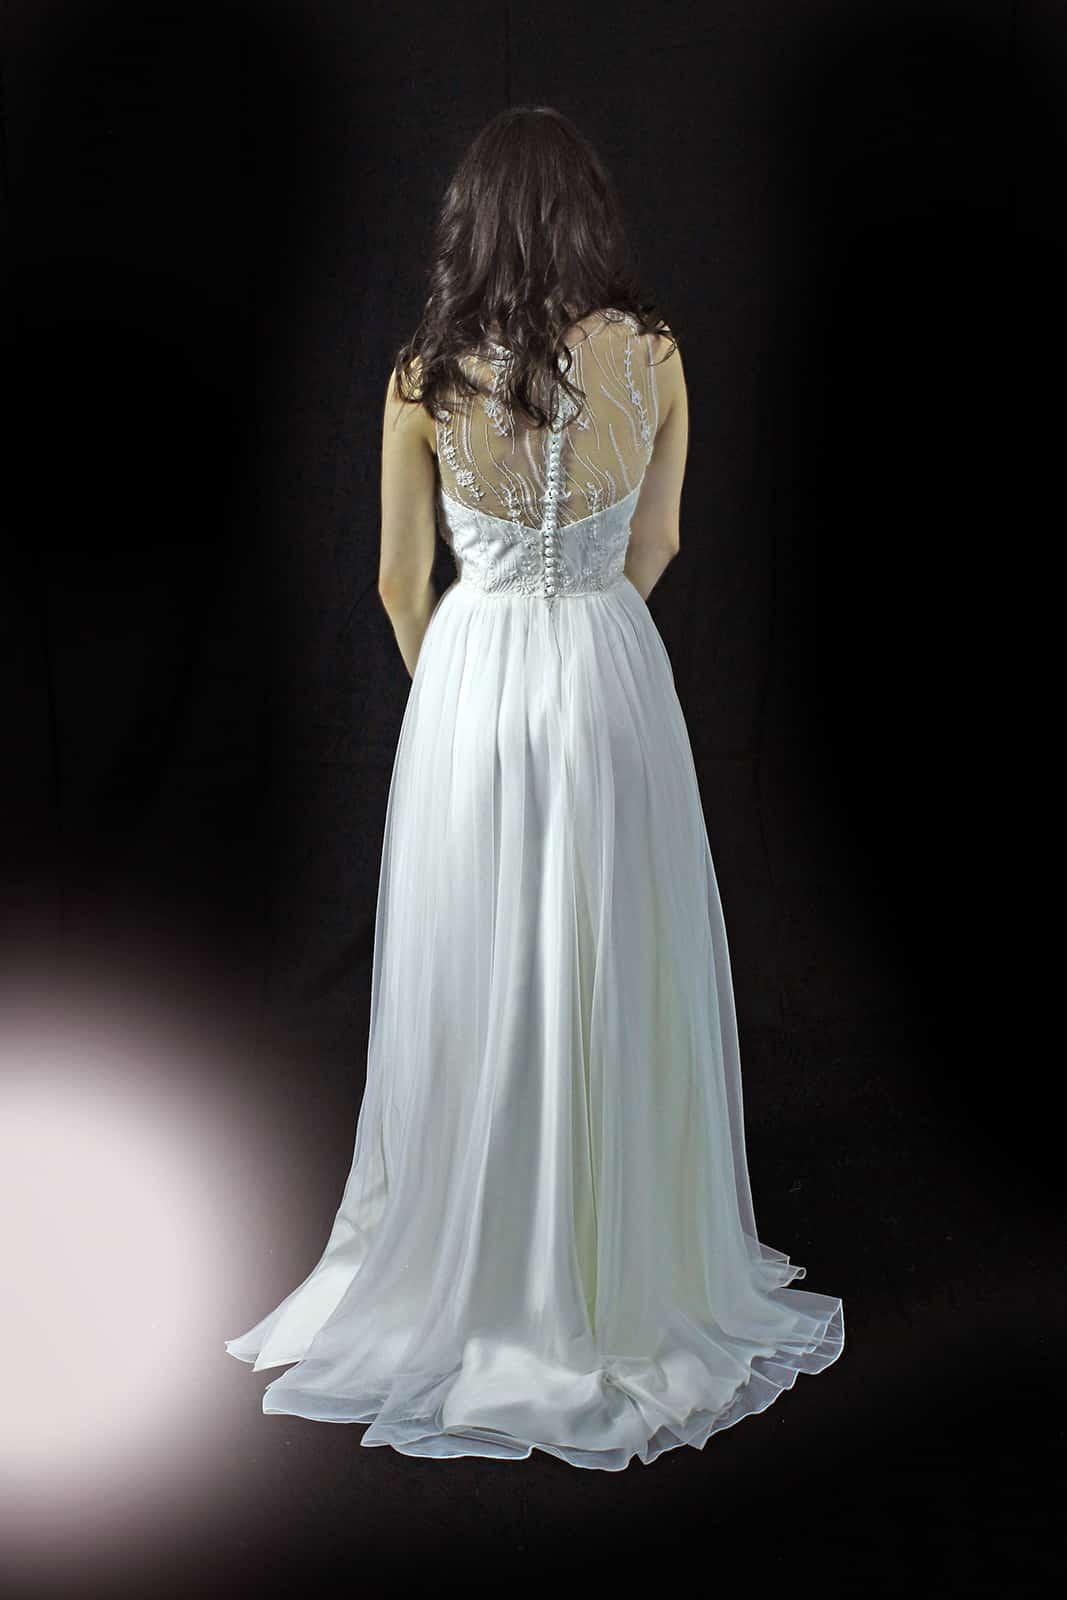 Rochie de mireasa Placida Model - Colectia Dreams - Adora Sposa (2)